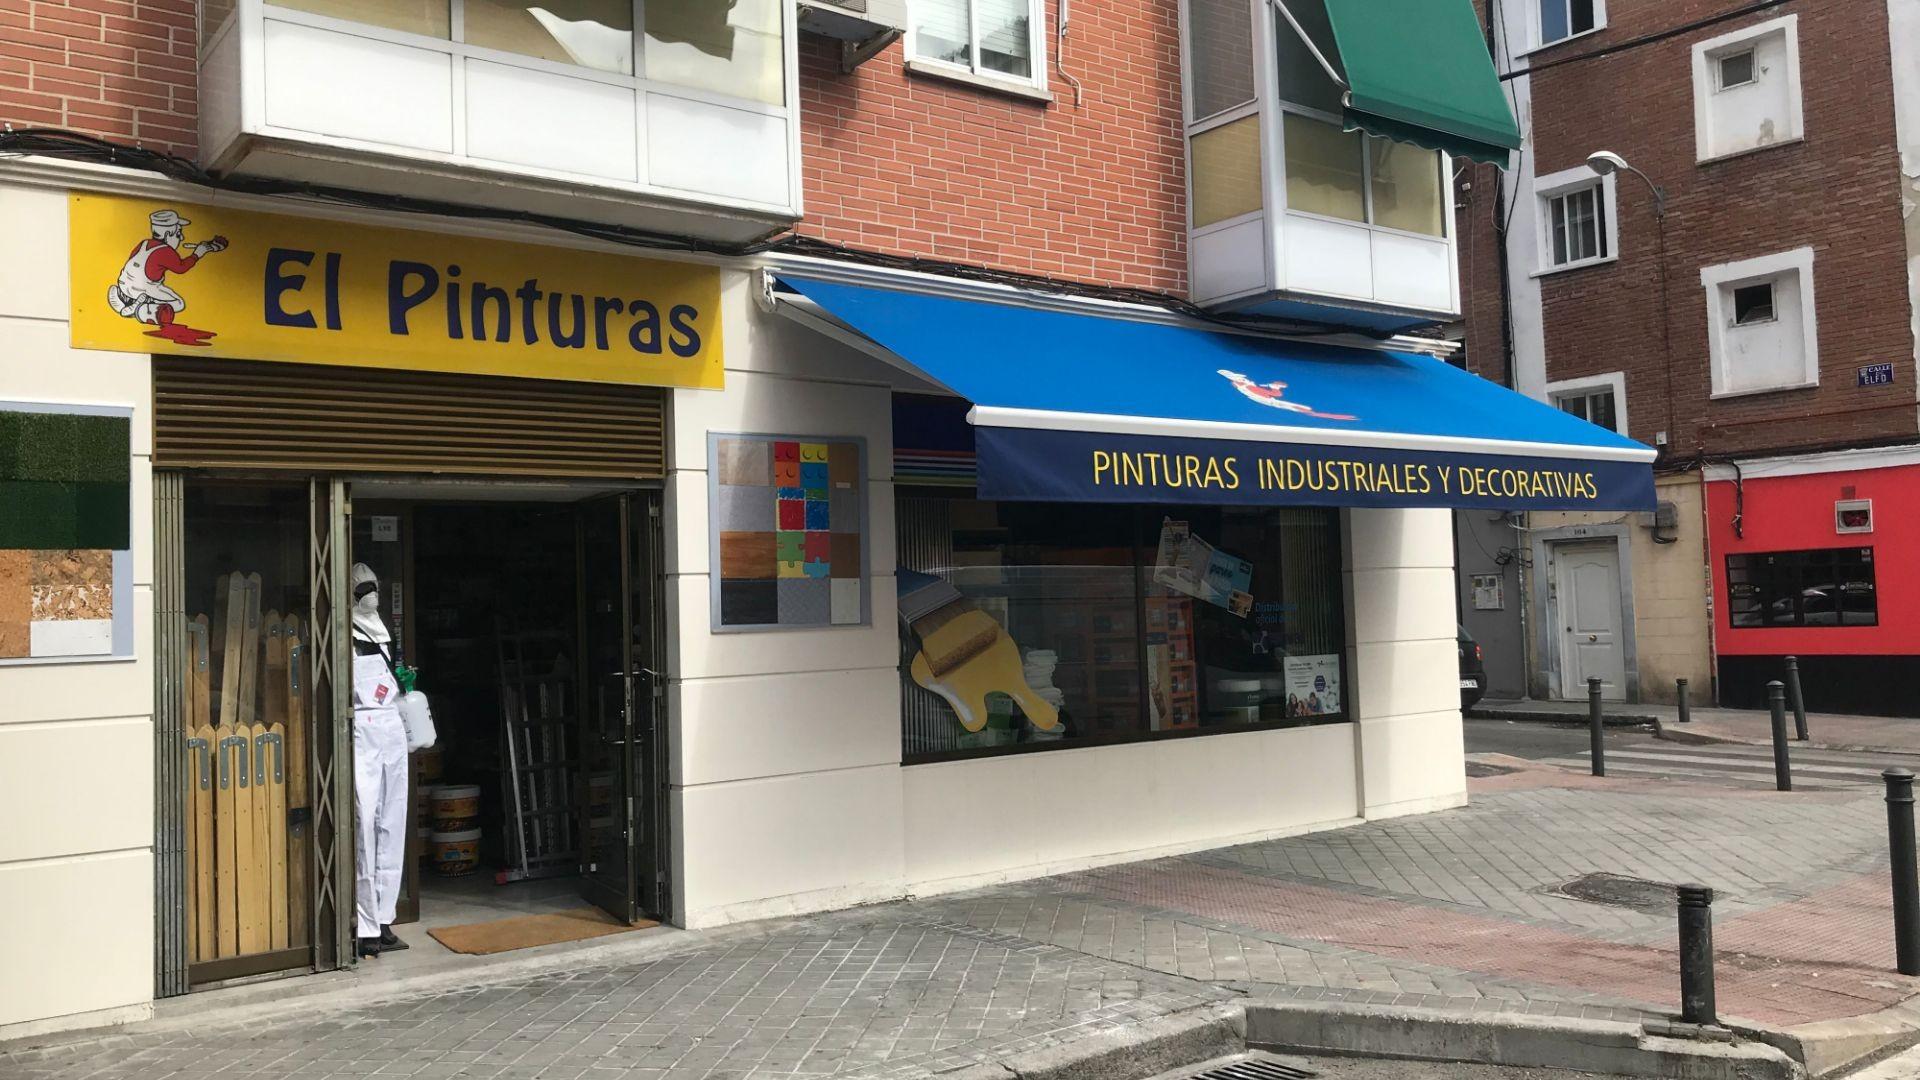 Tienda de pinturas en Madrid